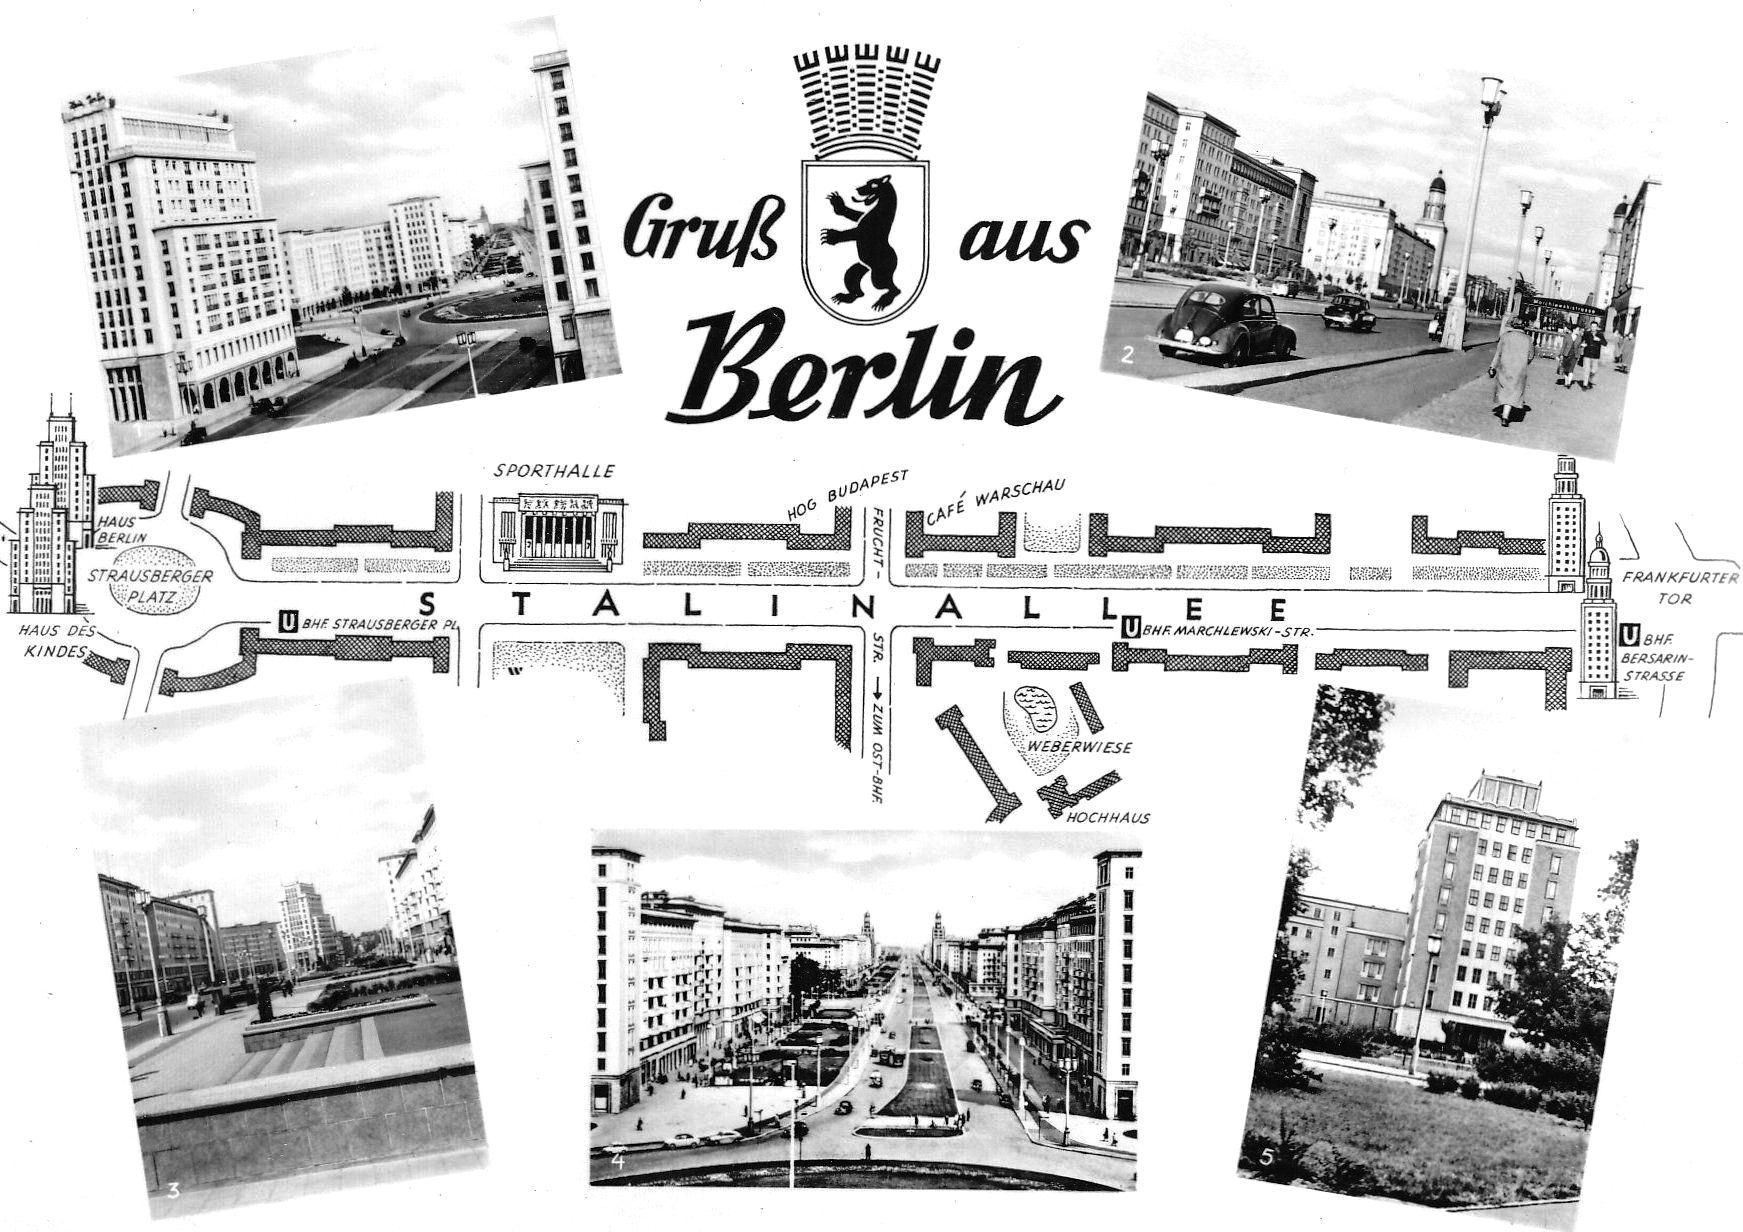 Gruß aus Berlin, Postkarte